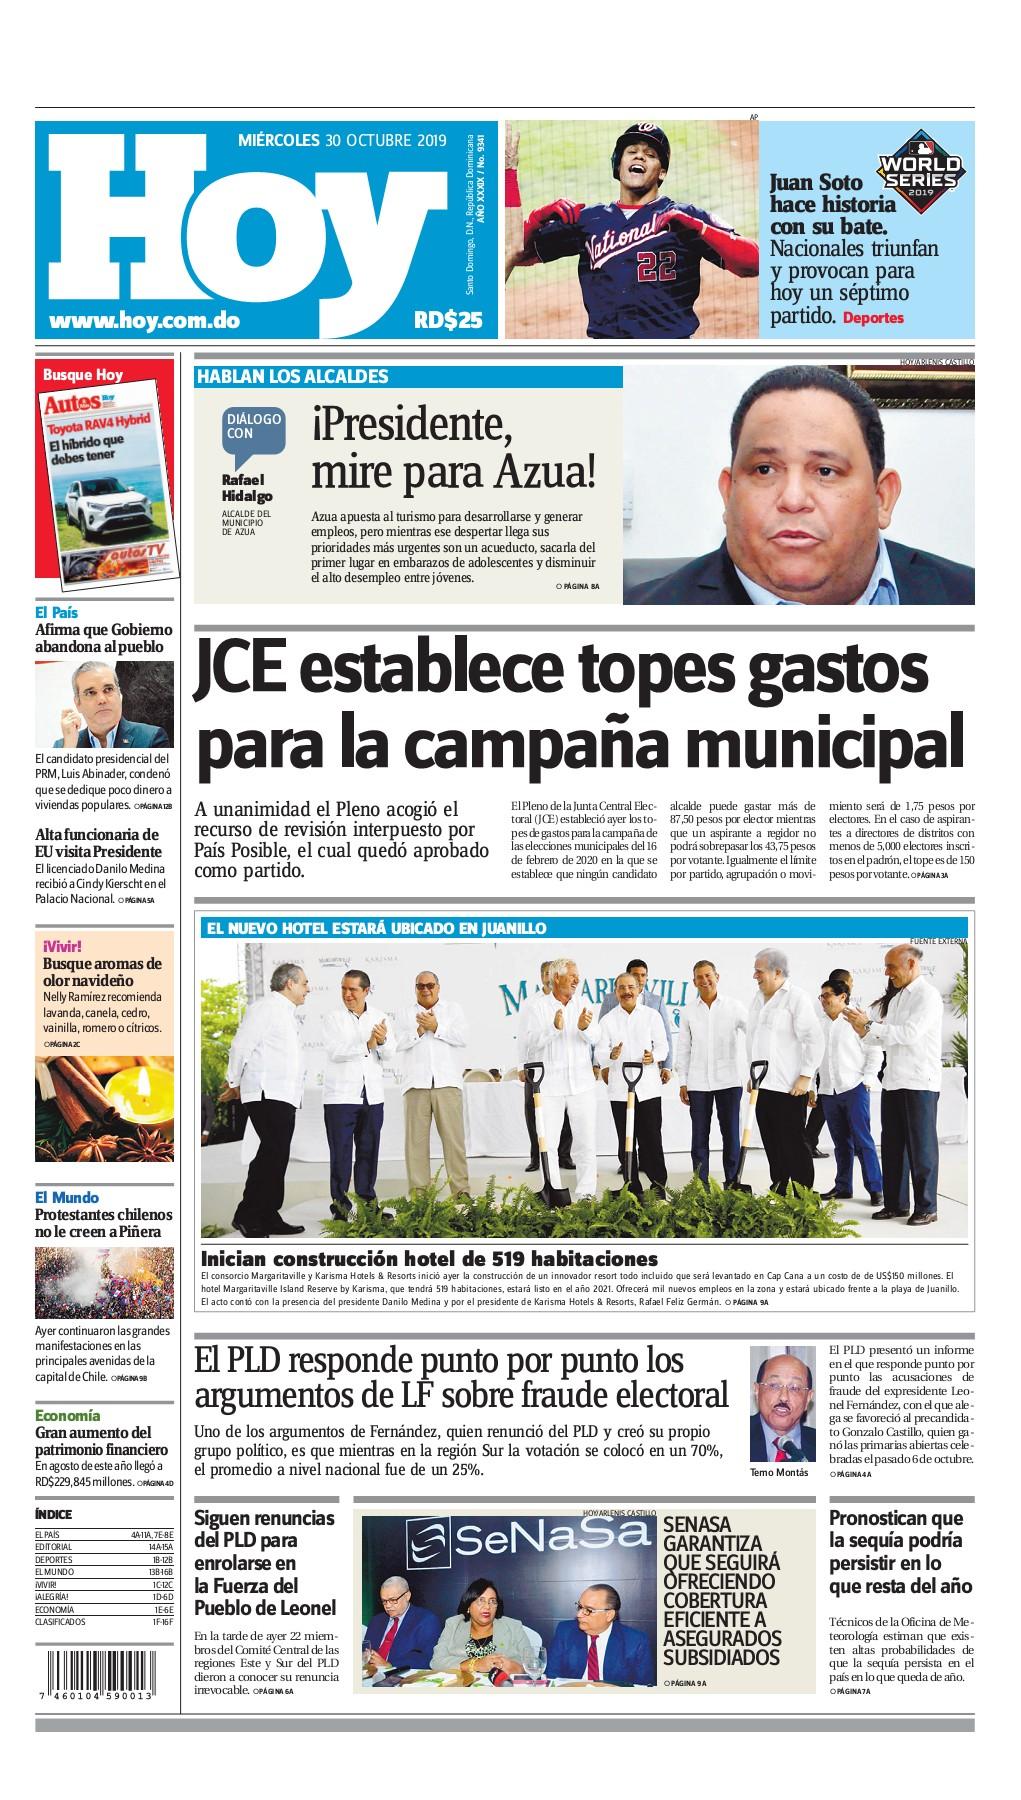 Portada Periódico Hoy, Miércoles 30 de Octubre, 2019